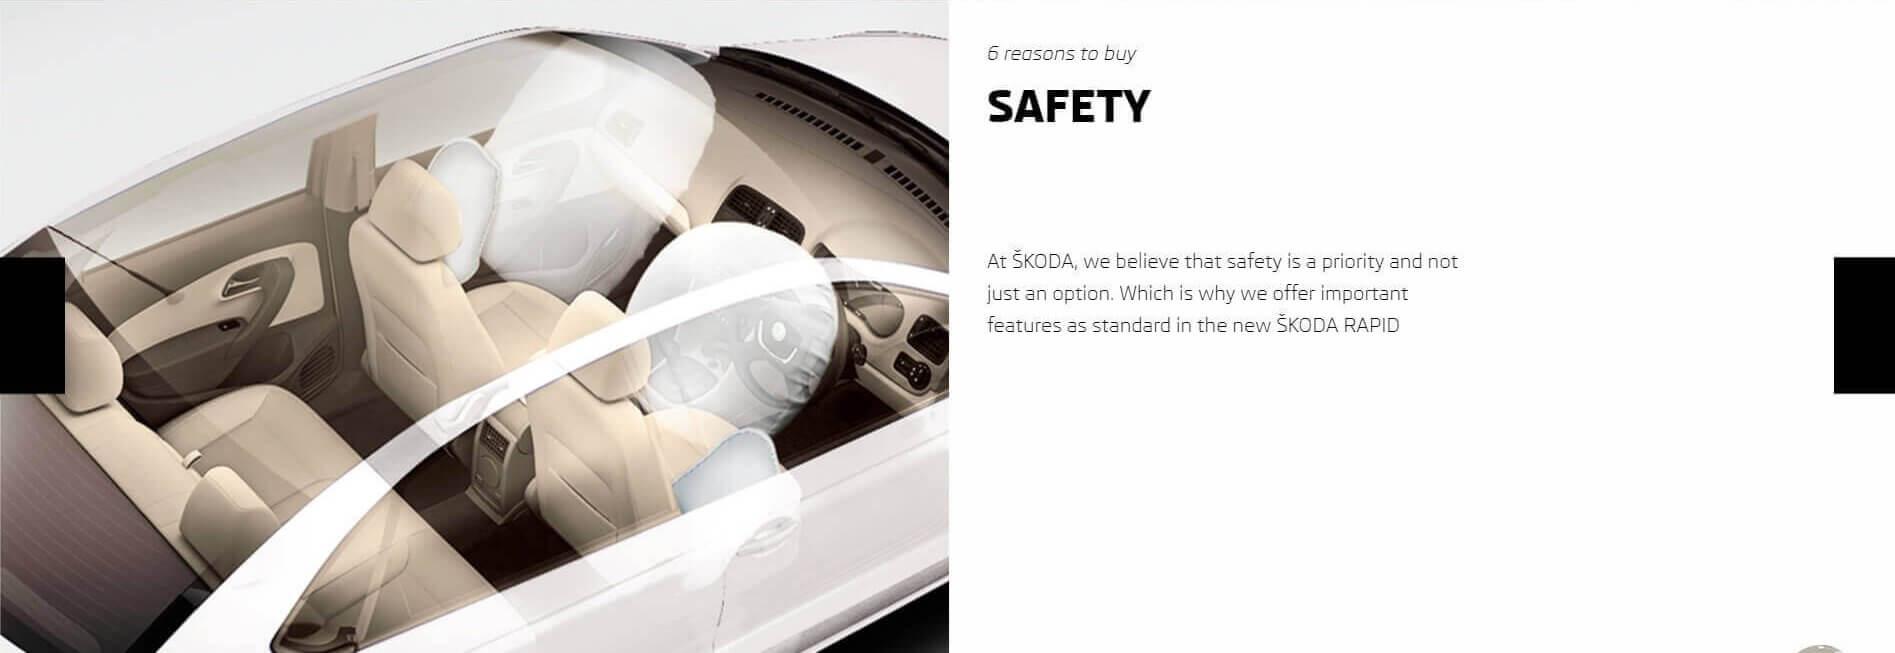 6-Reasons-To-Buy-Skoda-Rapid-5.jpg